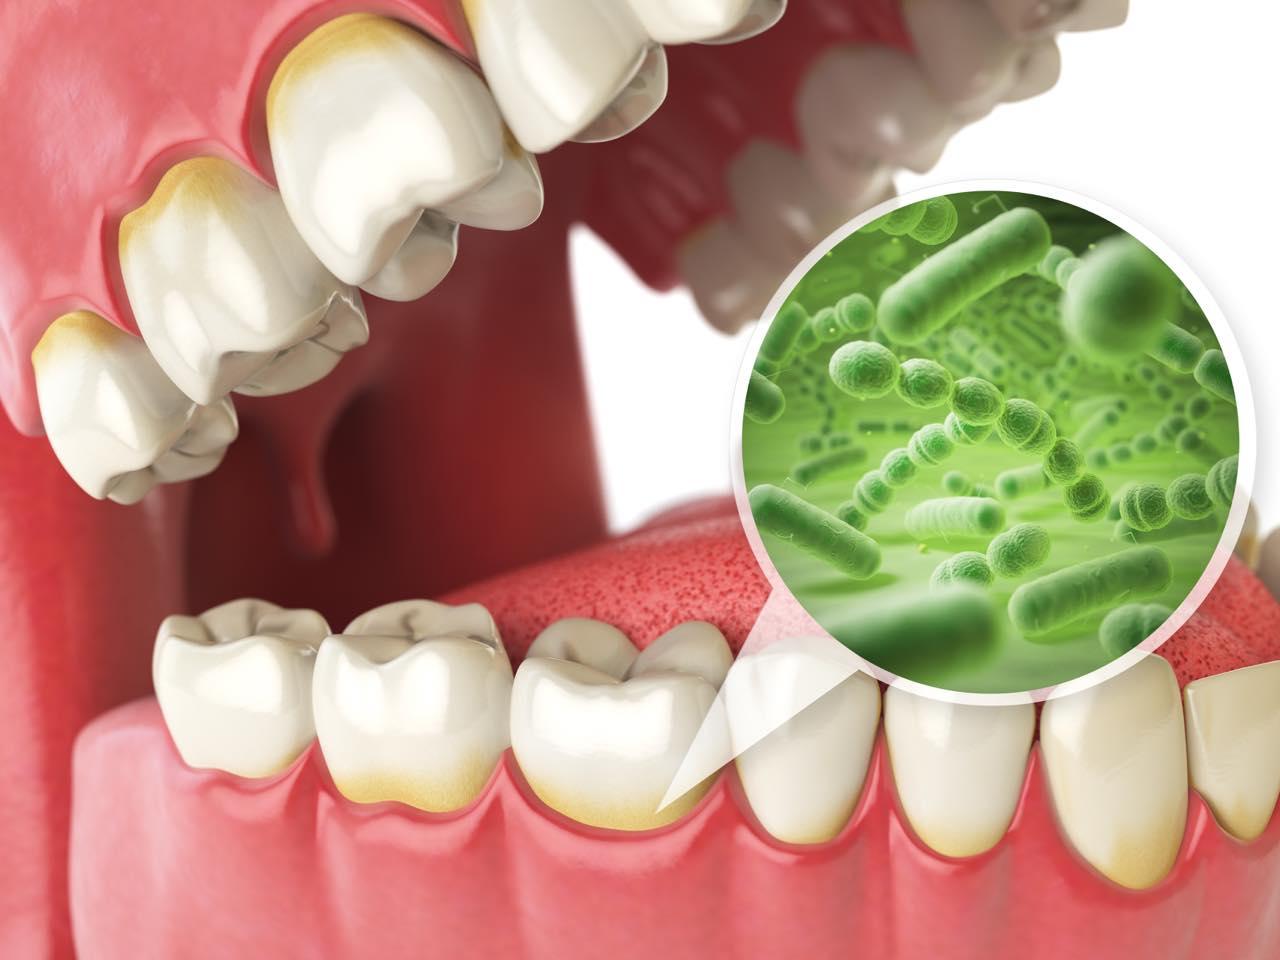 歯周病の原因と治療方法